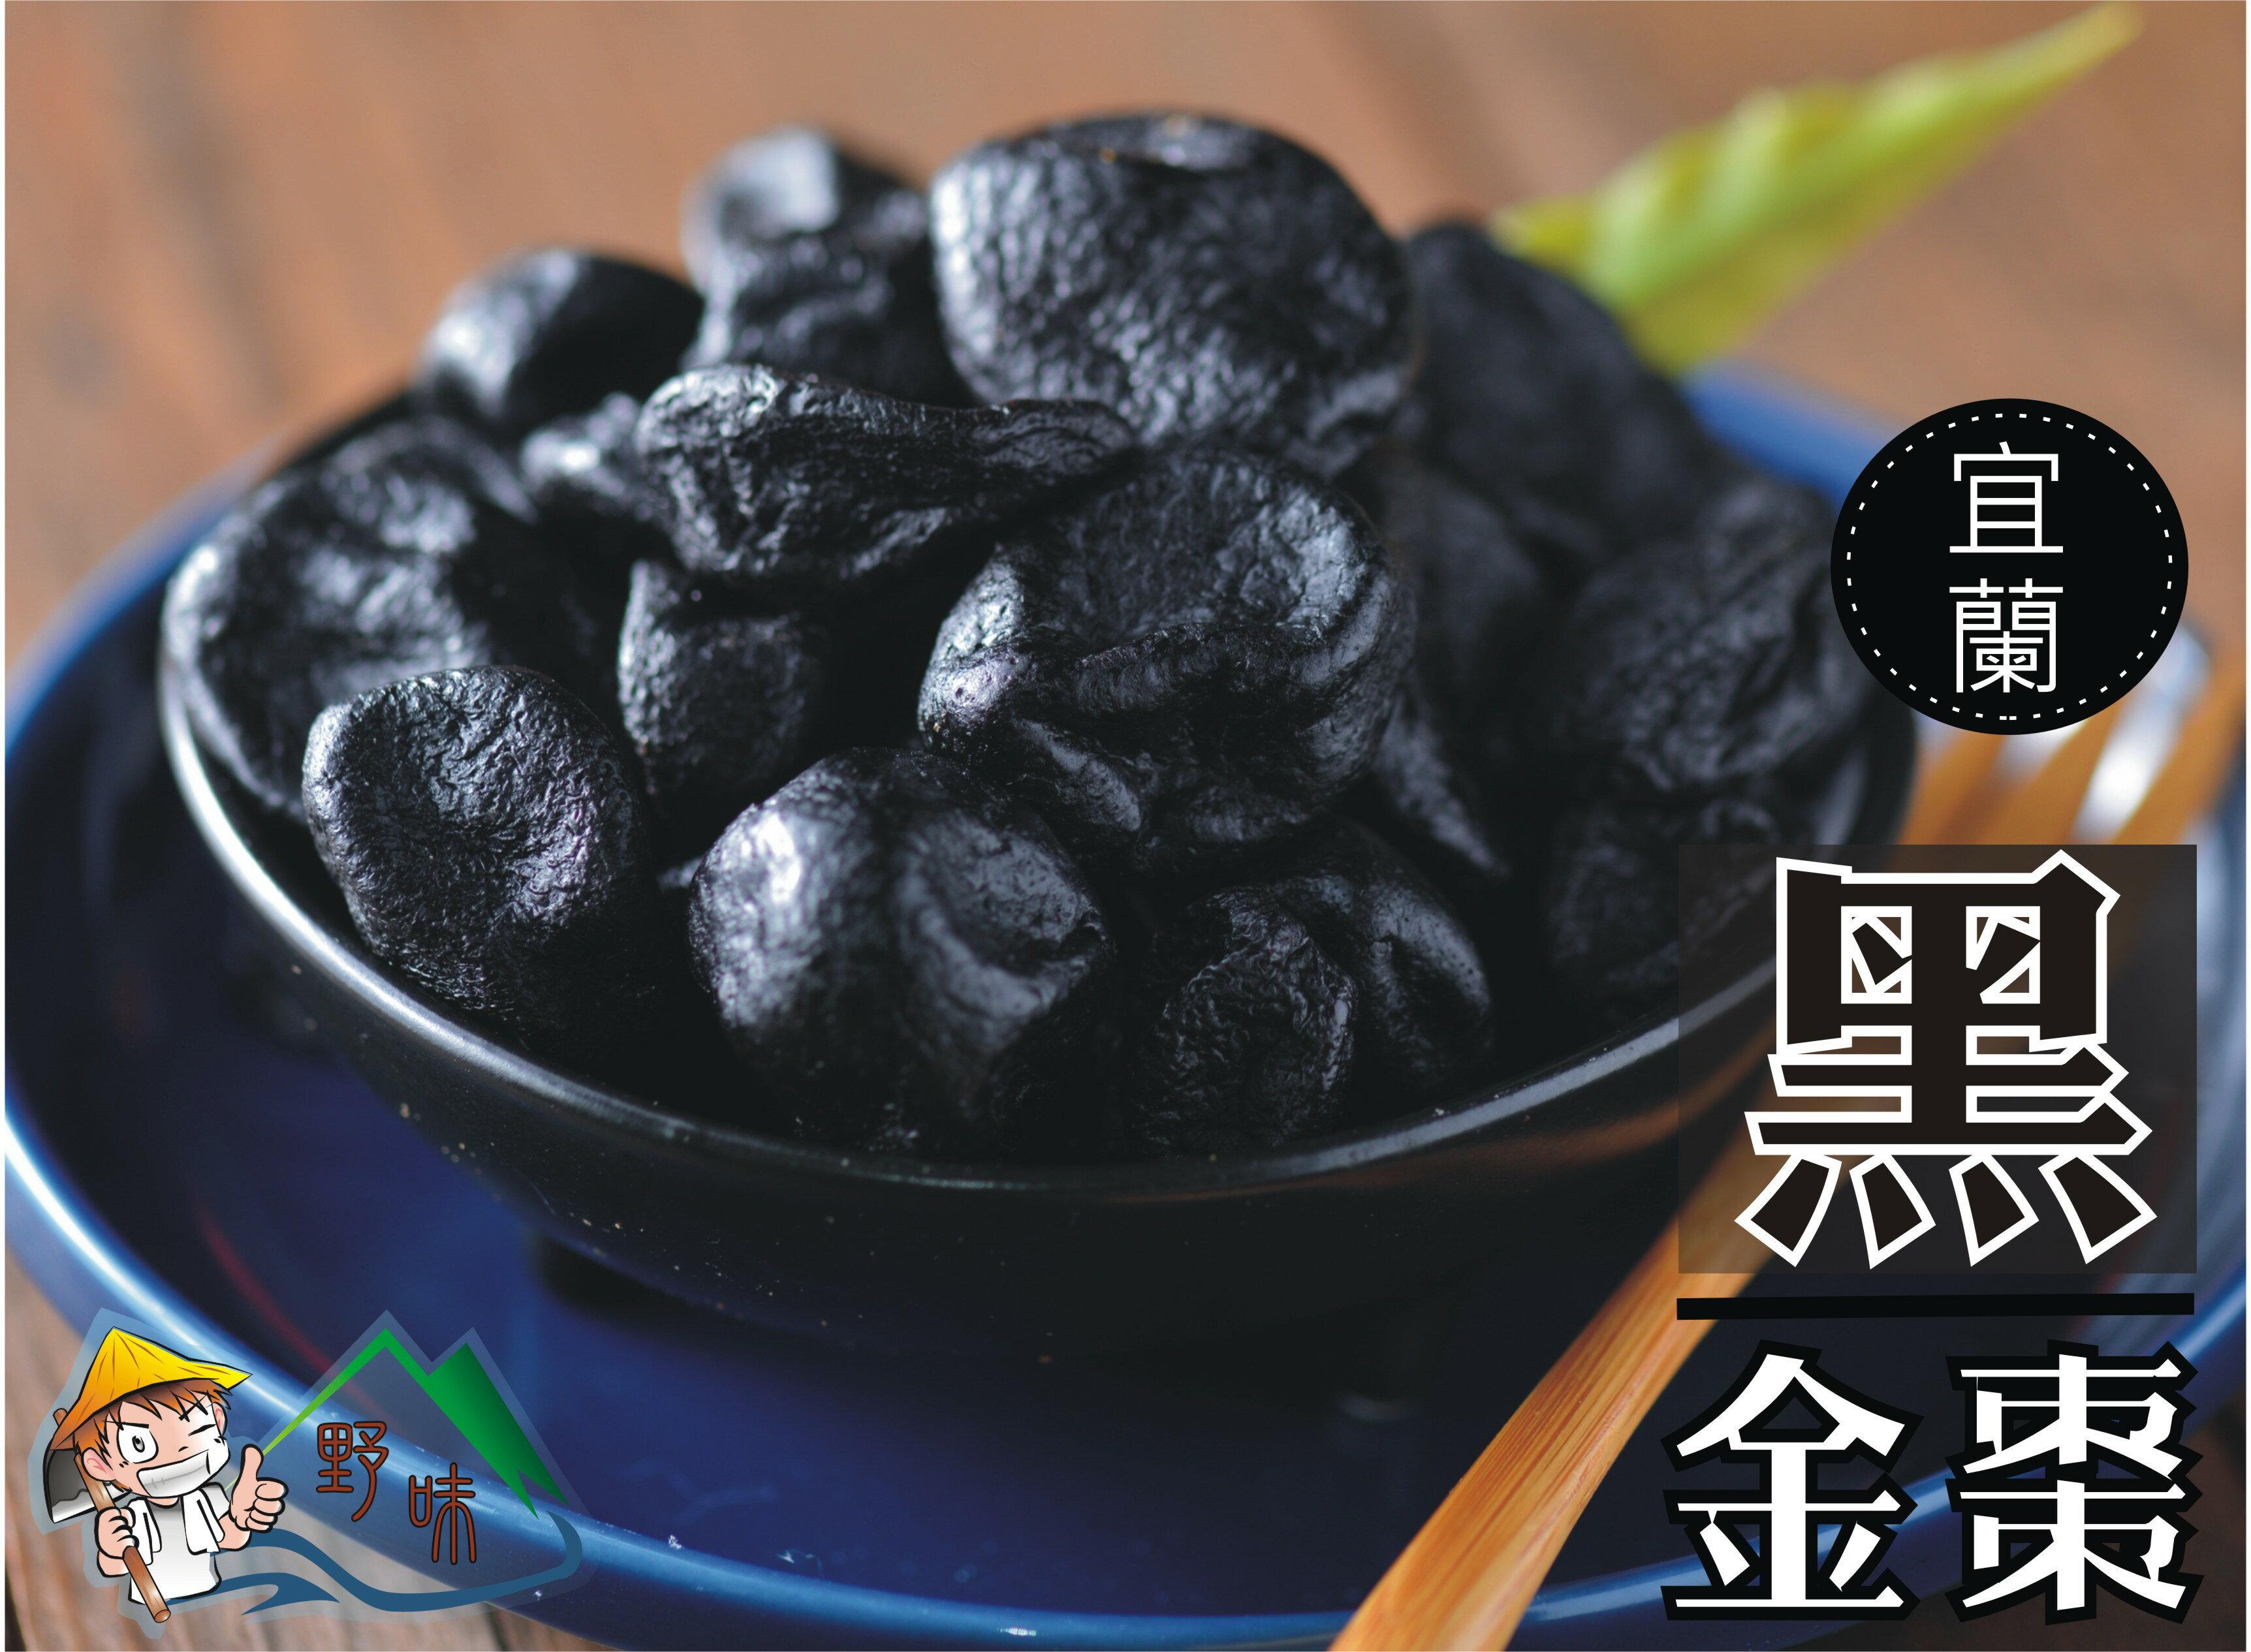 【野味食品】宜蘭黑金棗(金棗乾)(250g / 包,700g / 包)(桃園出貨) 1